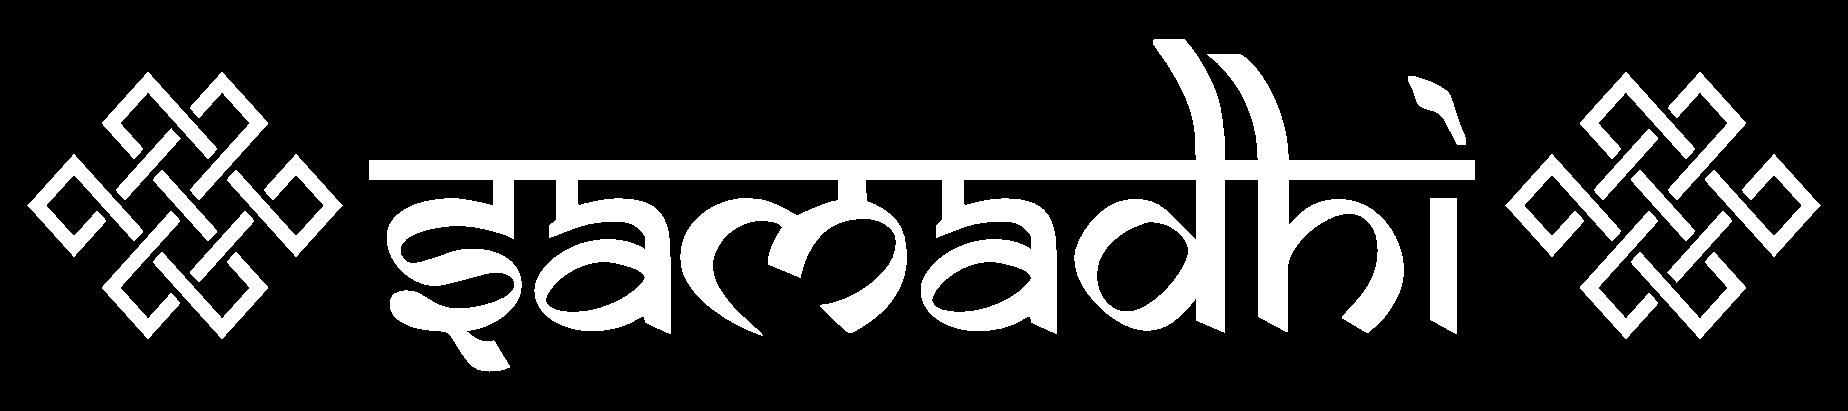 samadhi-logotype-white.png